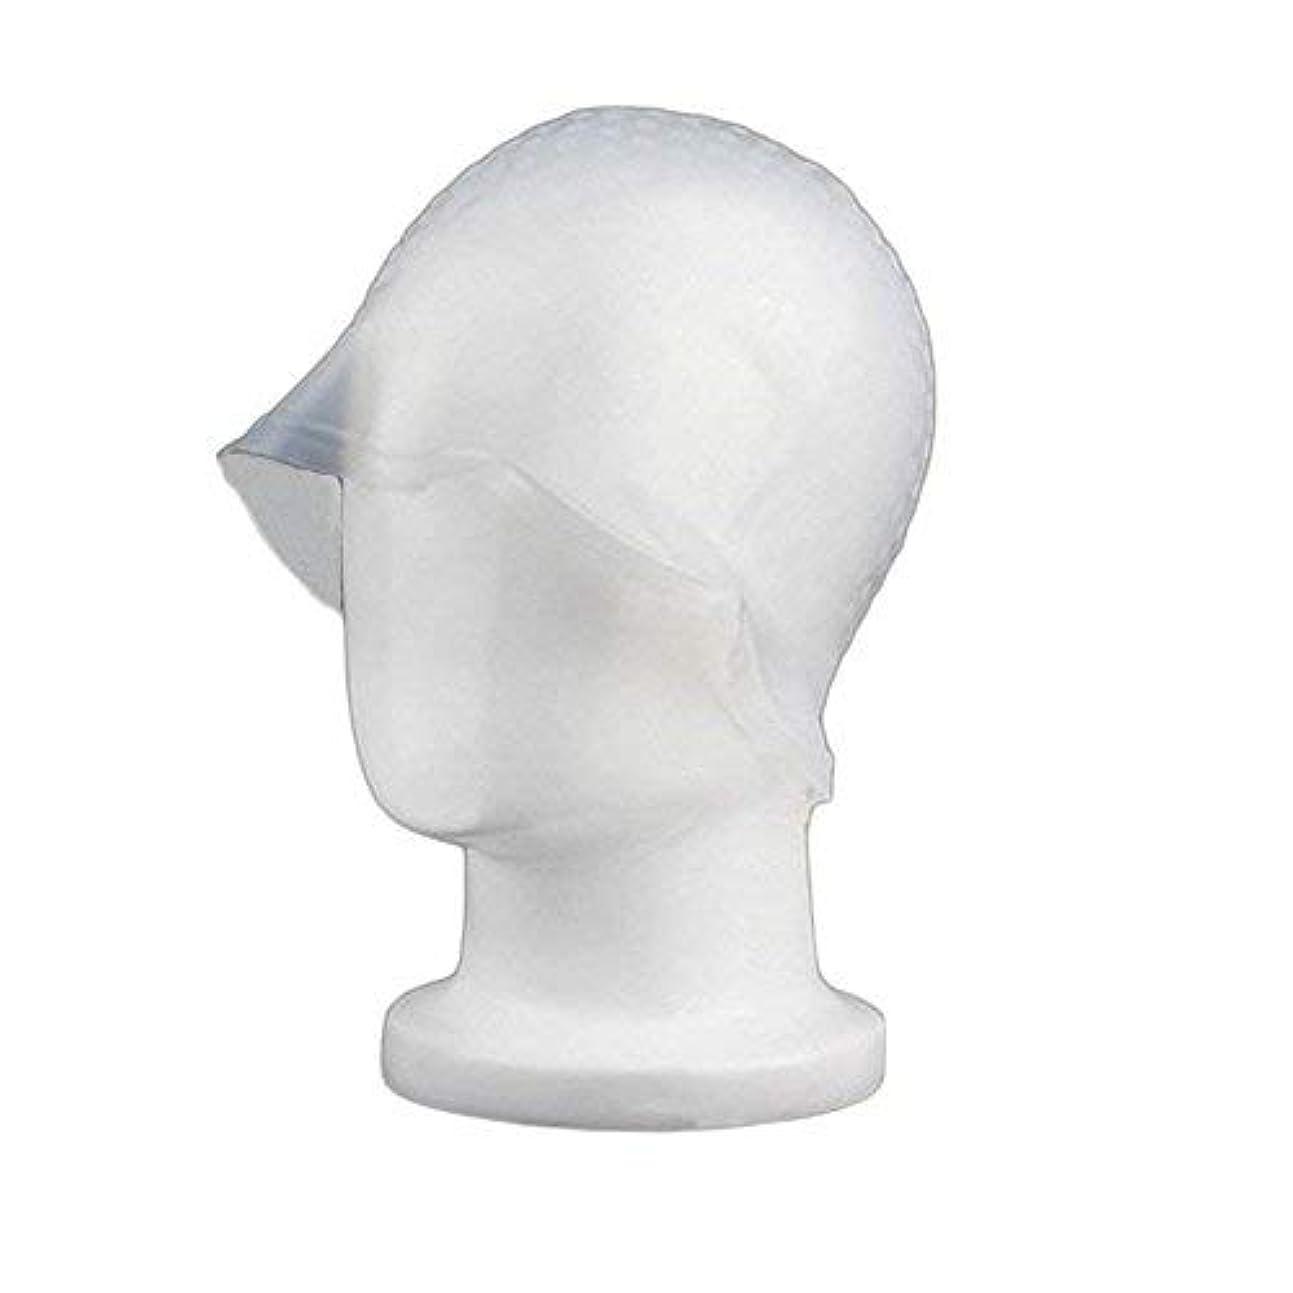 変装した腐敗下に向けますchaselpod 洗って使える ヘアカラー メッシュ 染め用 用 シリコン ヘア キャップキャップ